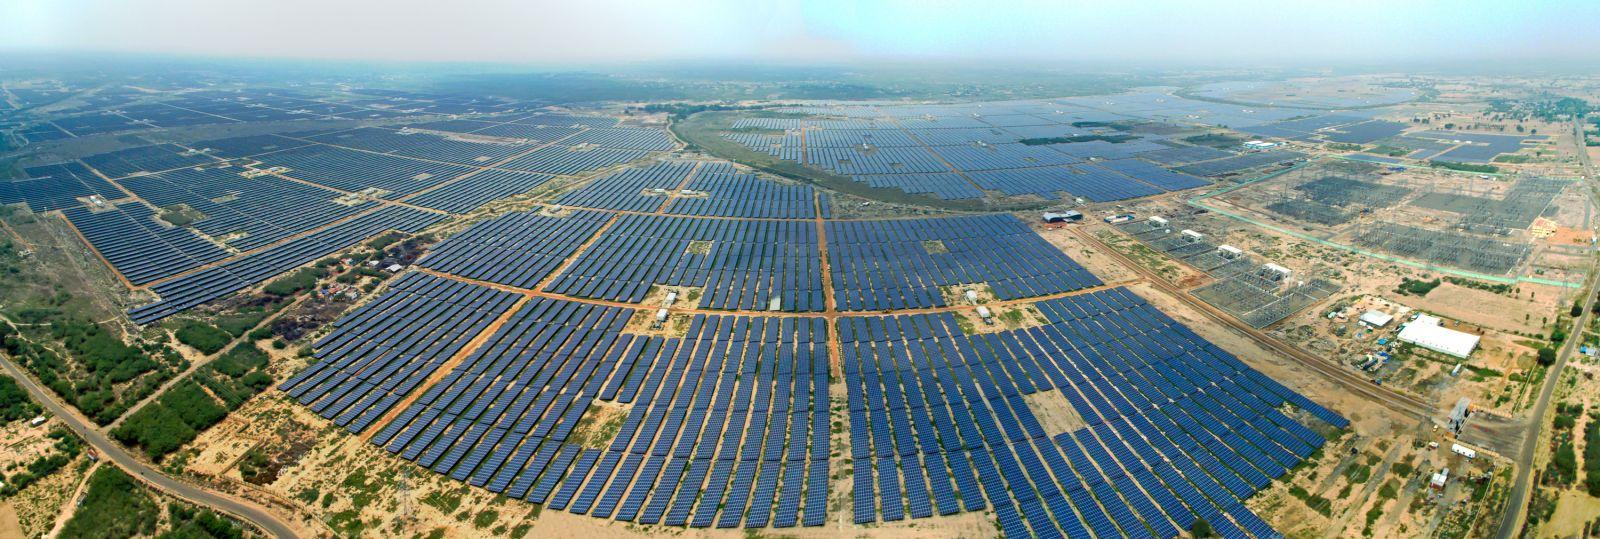 شركات الطاقة المتجددة الهندية تطالب بدعم طويل الأجل